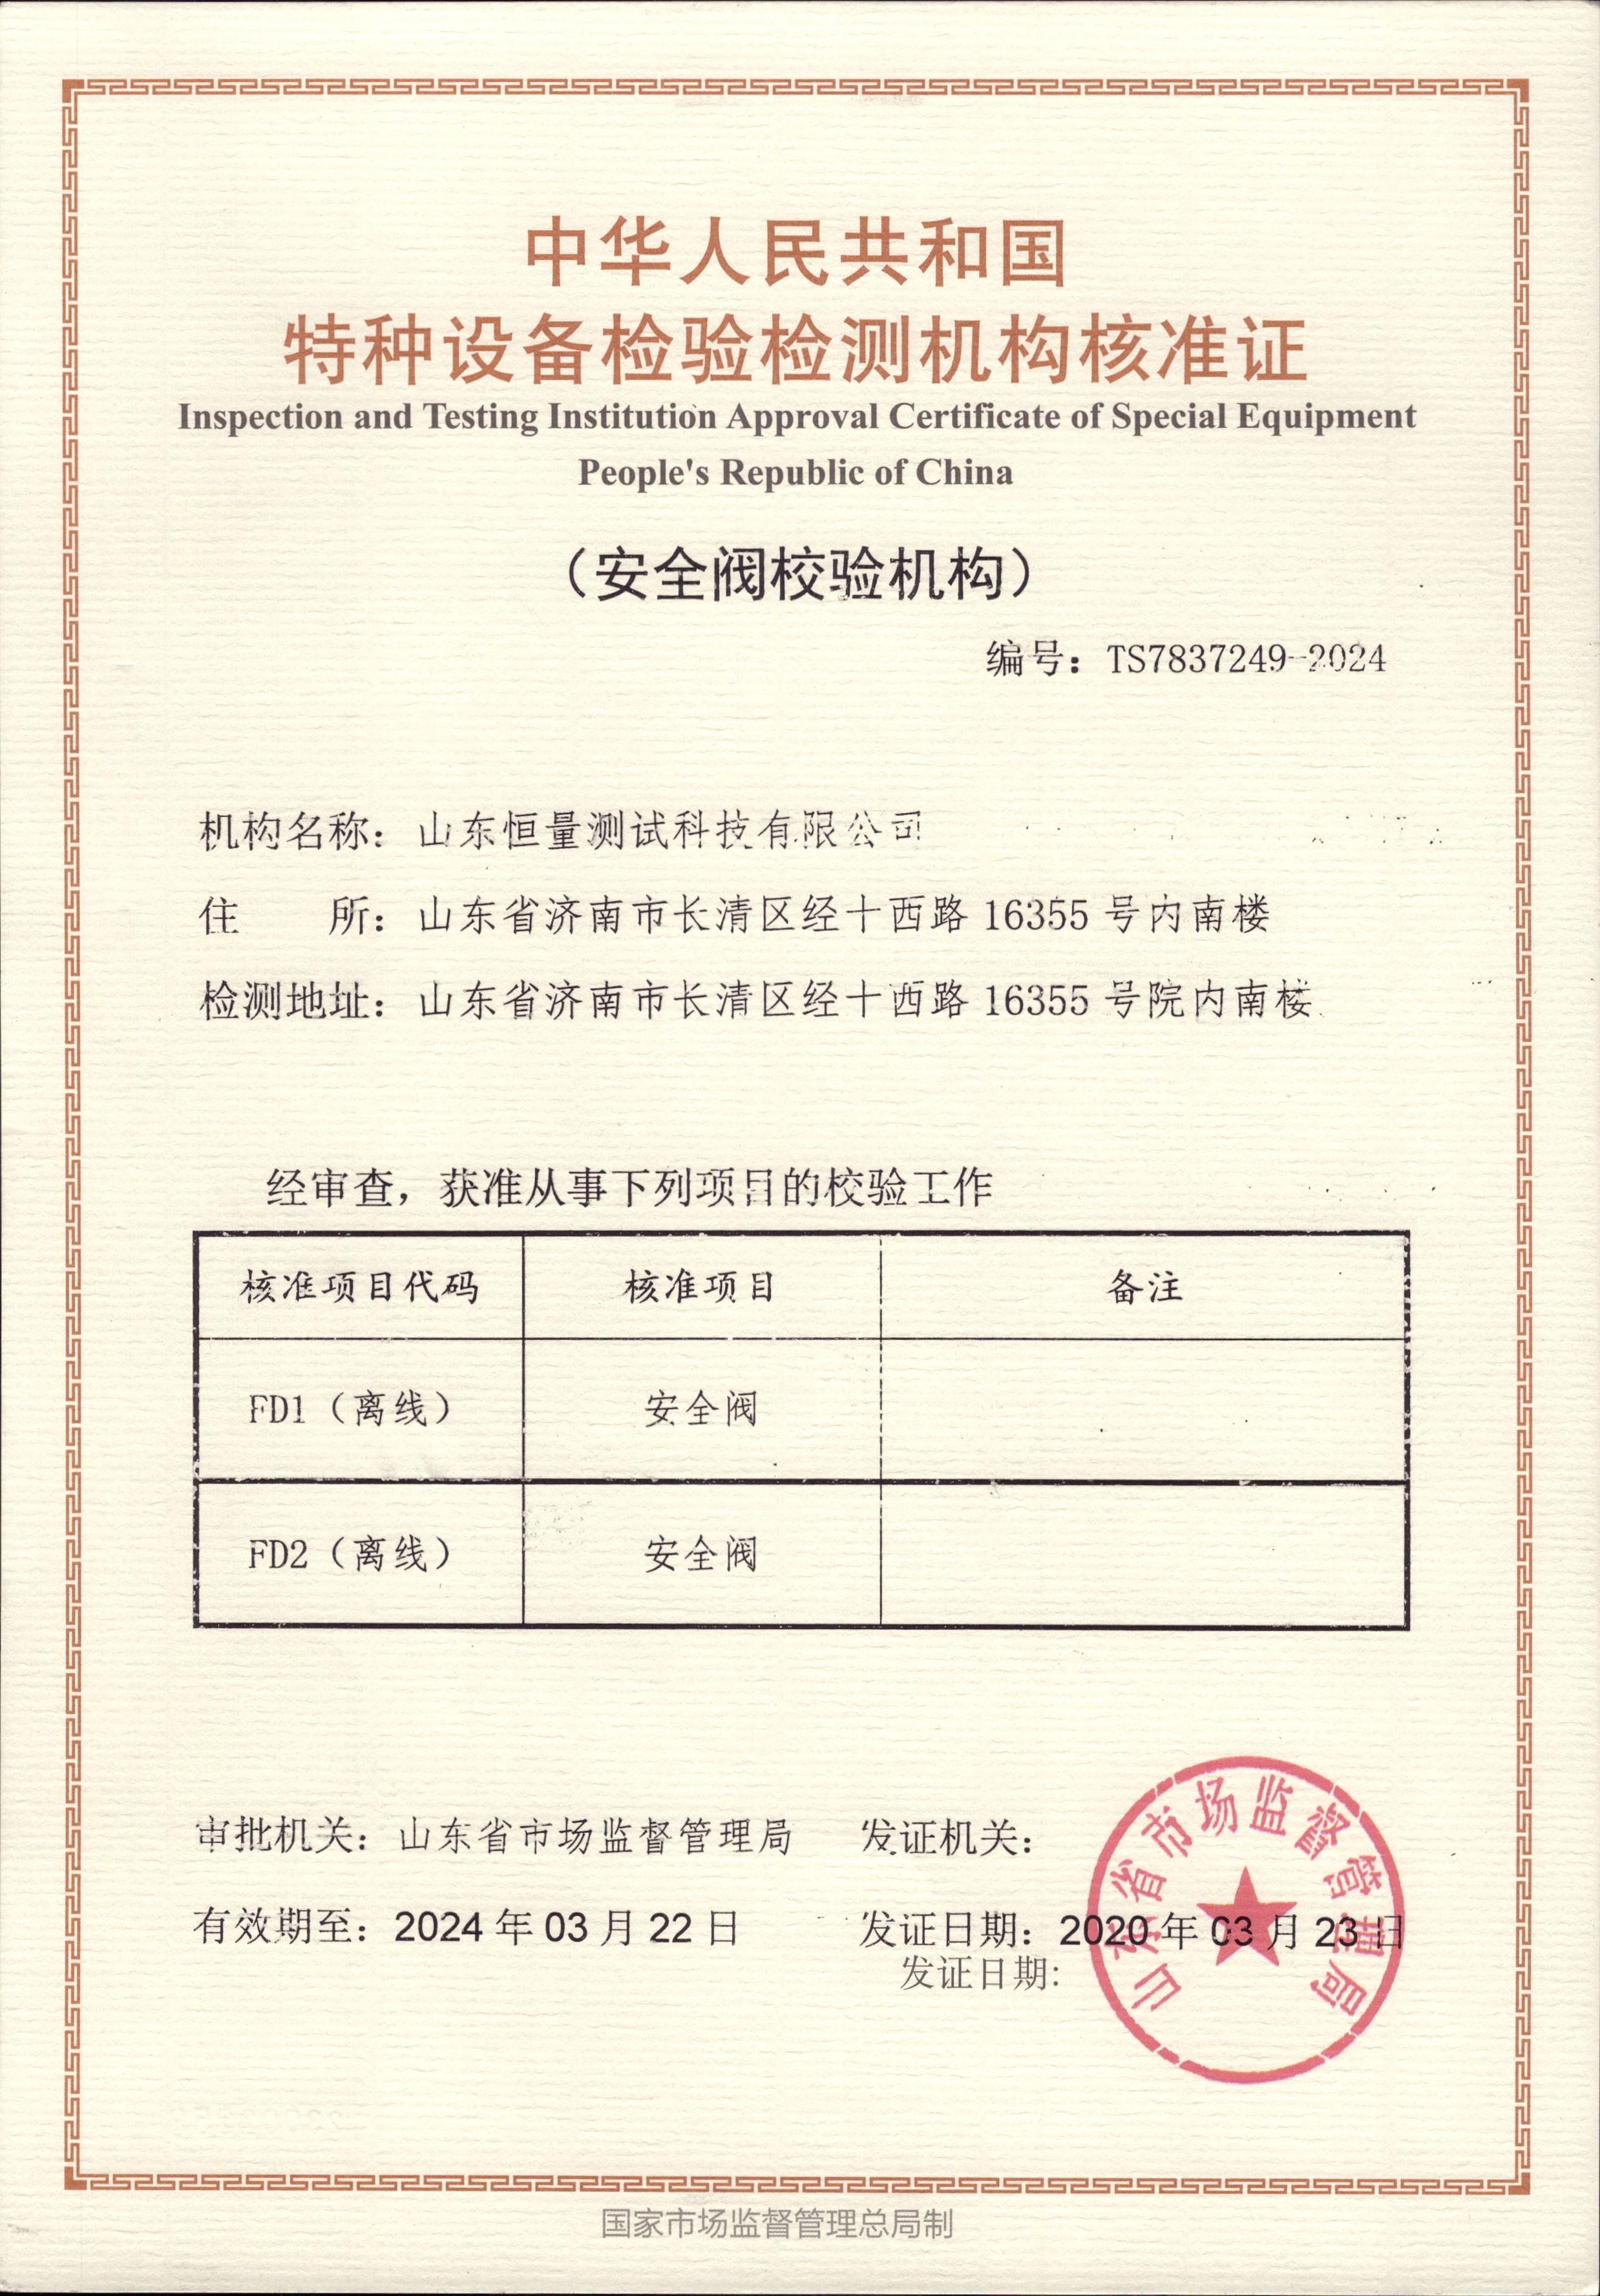 设备检验检测机构核准证